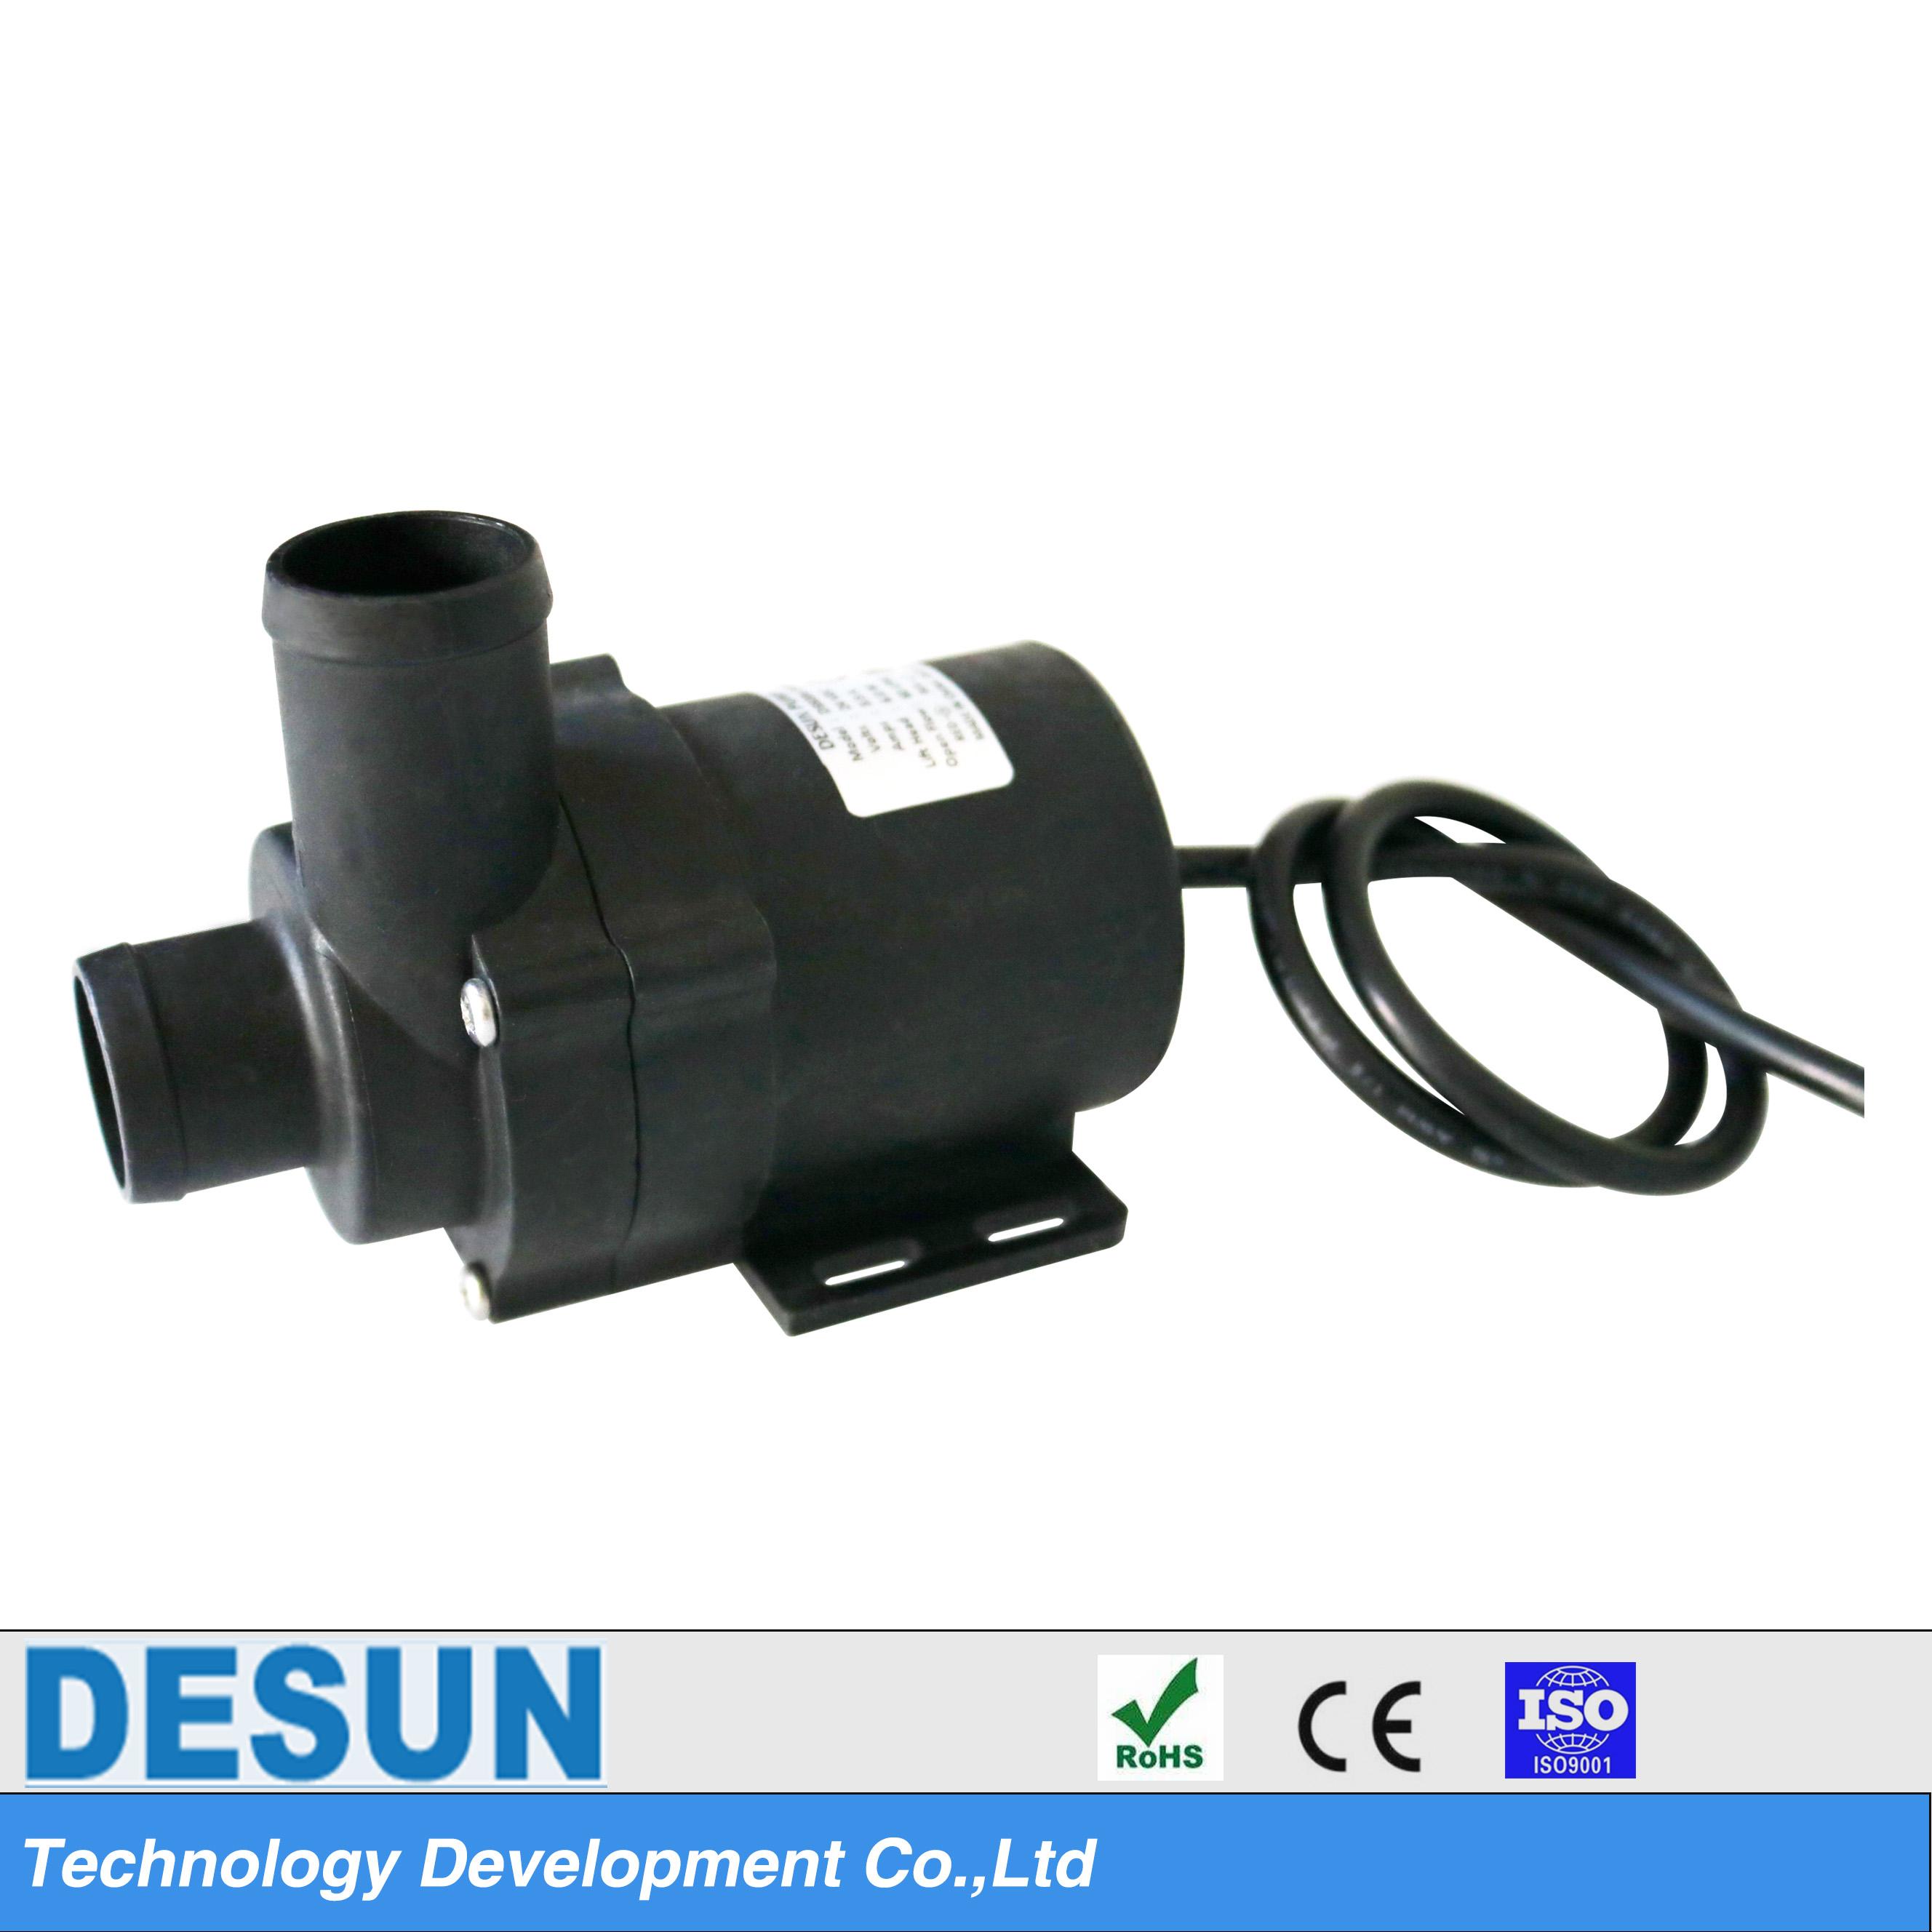 微型汽车电子水泵DS5006